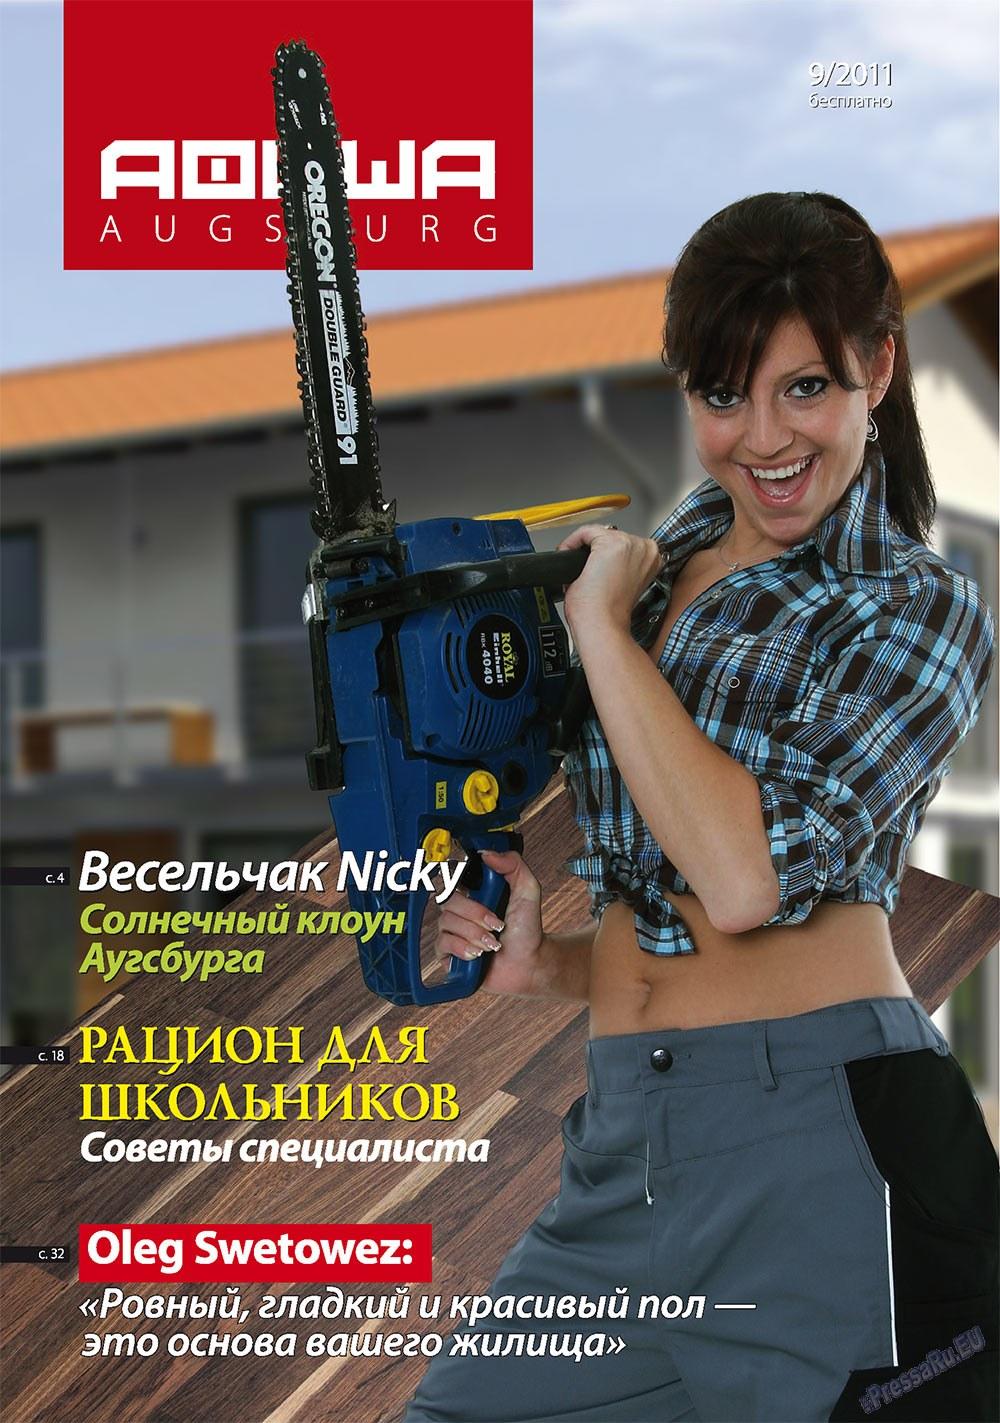 Афиша Augsburg (журнал). 2011 год, номер 9, стр. 1